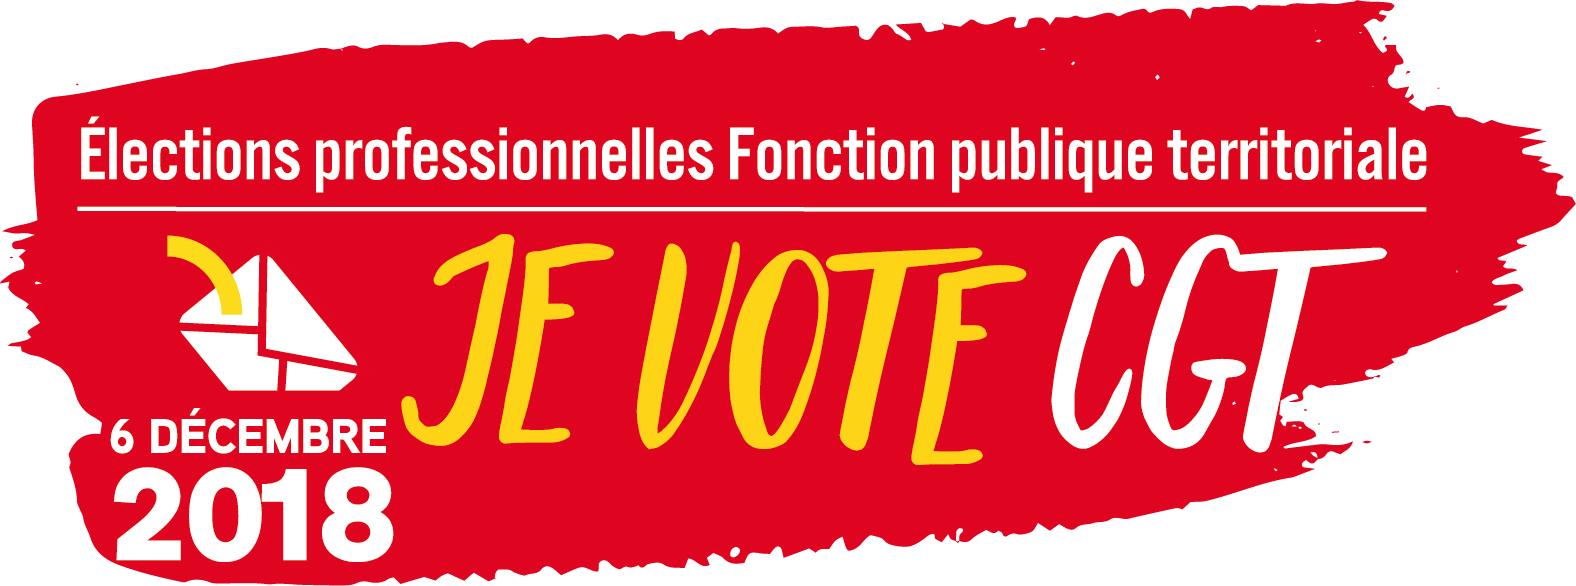 85ffefb8424 Communiqué des Fédérations CGT des Services publics et Santé et Action  sociale